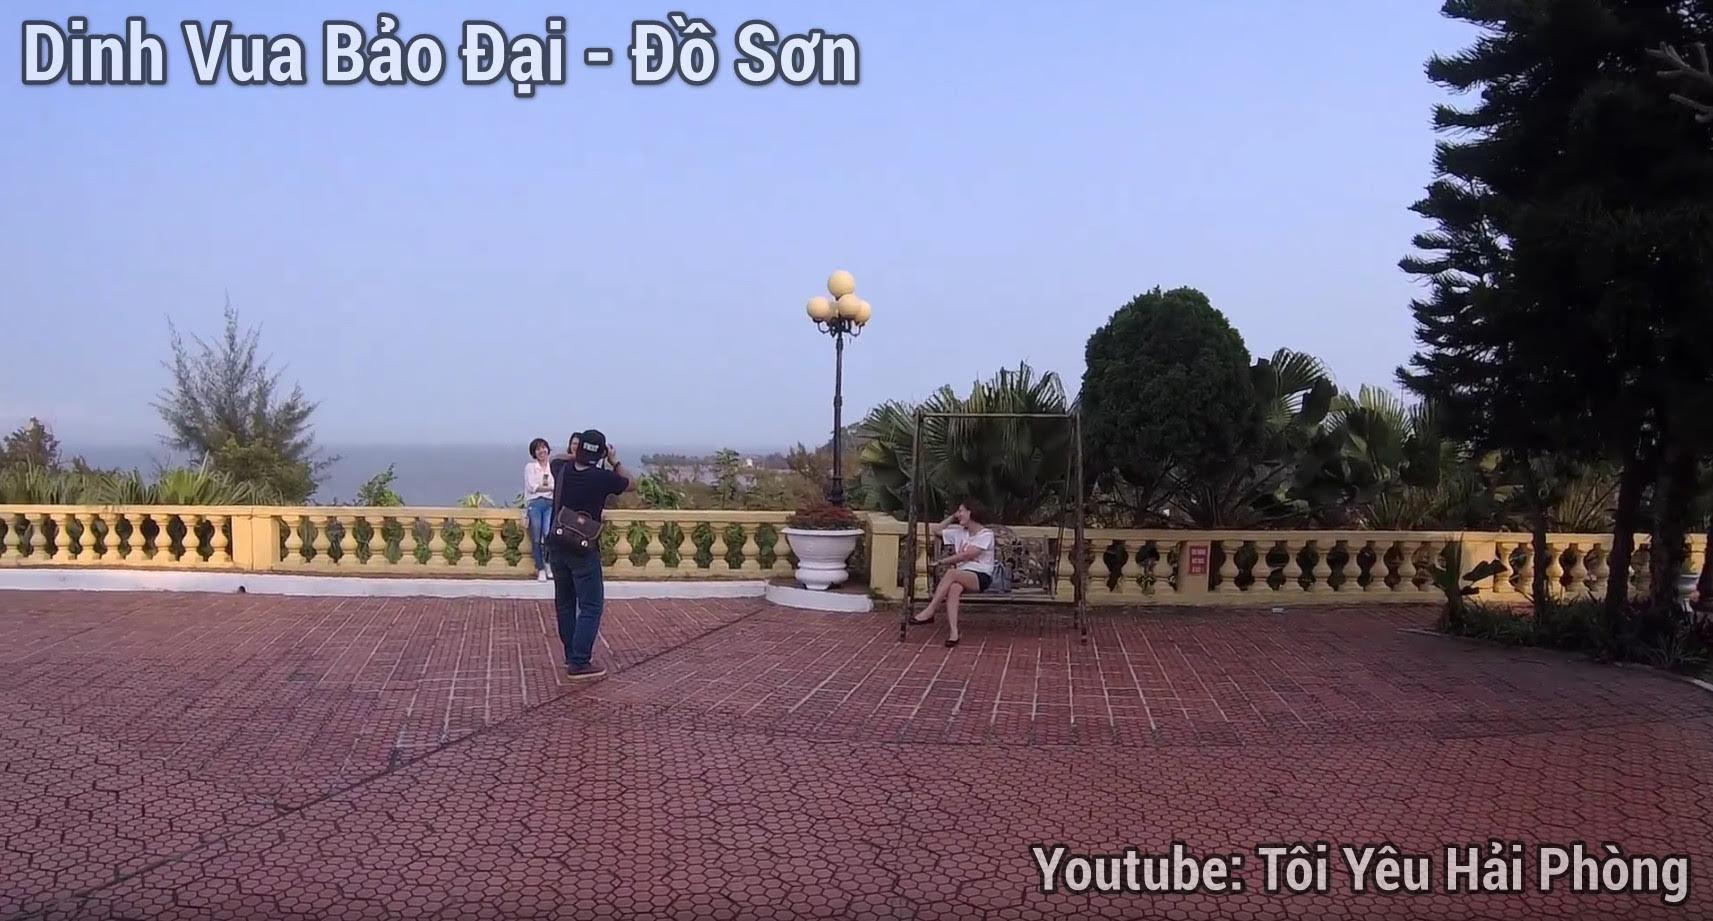 Điểm check in chụp ảnh Dinh Vua Bảo Đại ở Đồ Sơn Hải Phòng 5